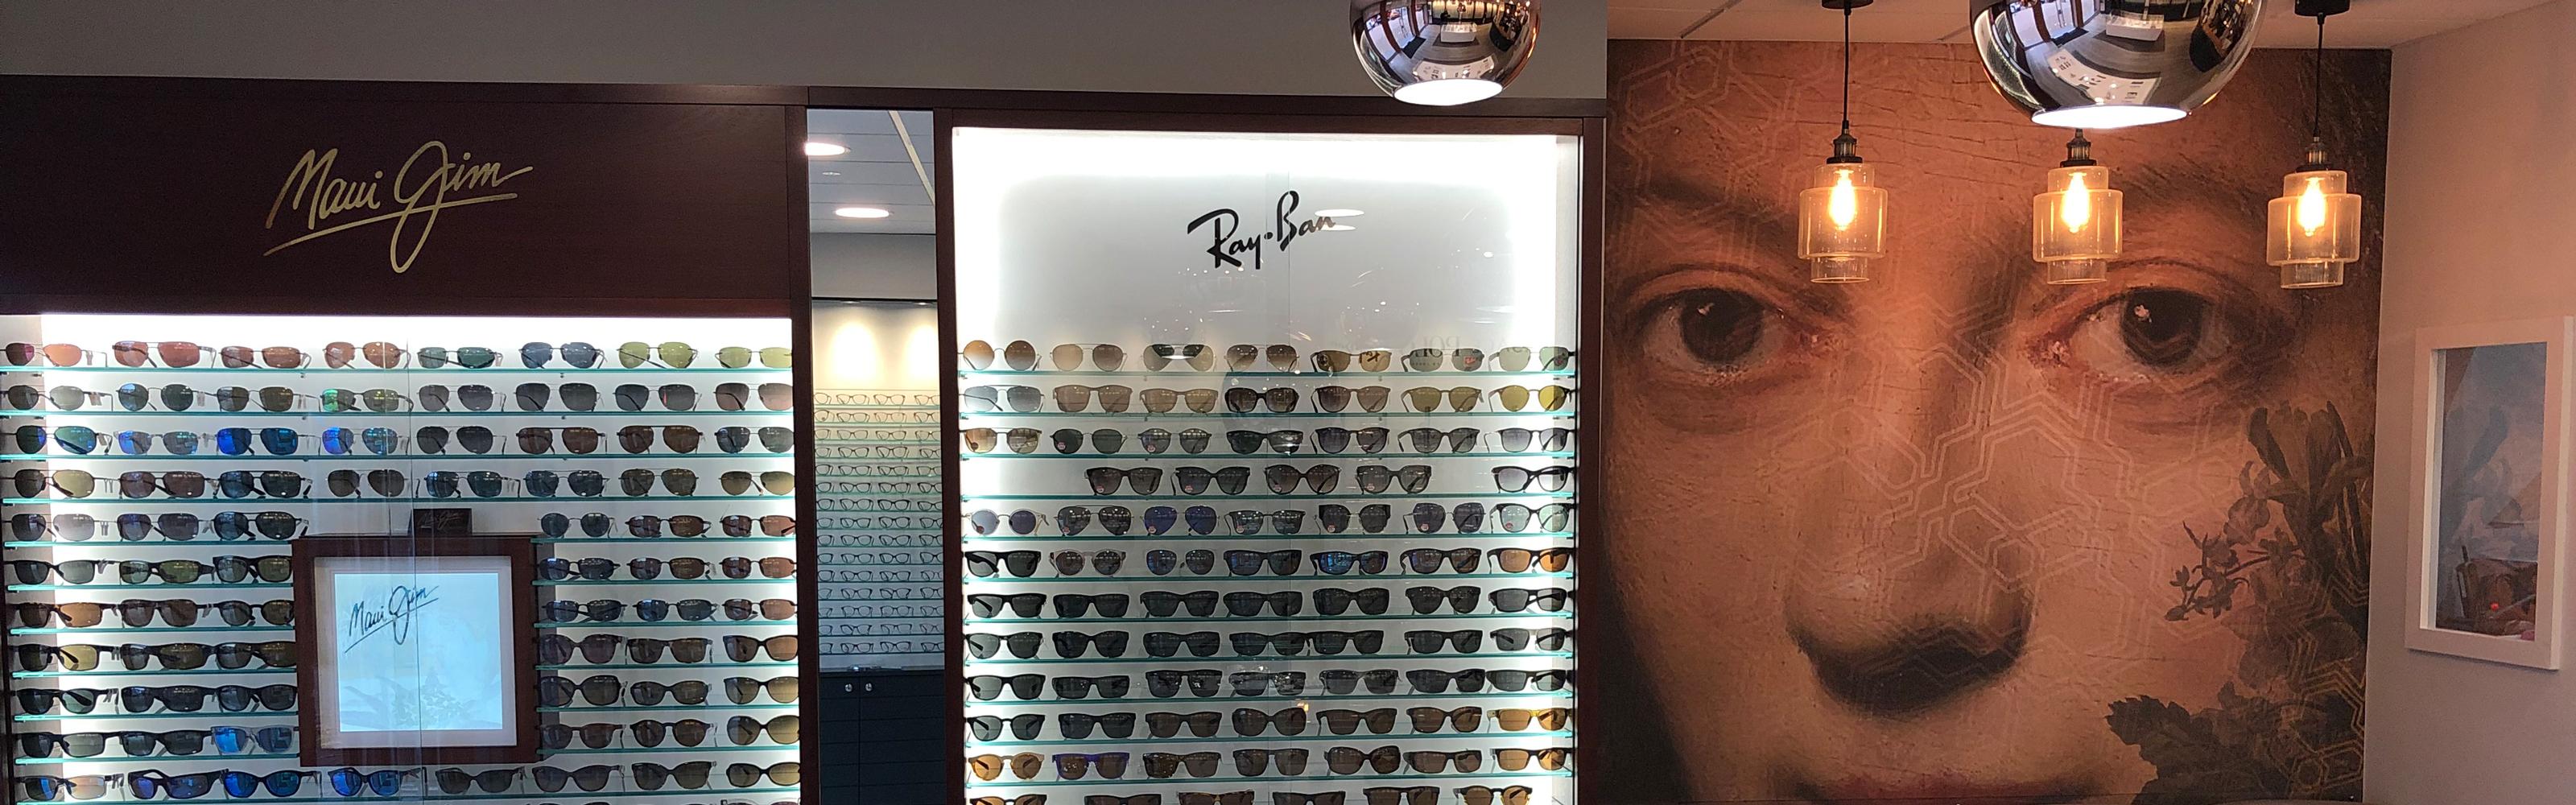 eyedeal vision opticians ray-ban display